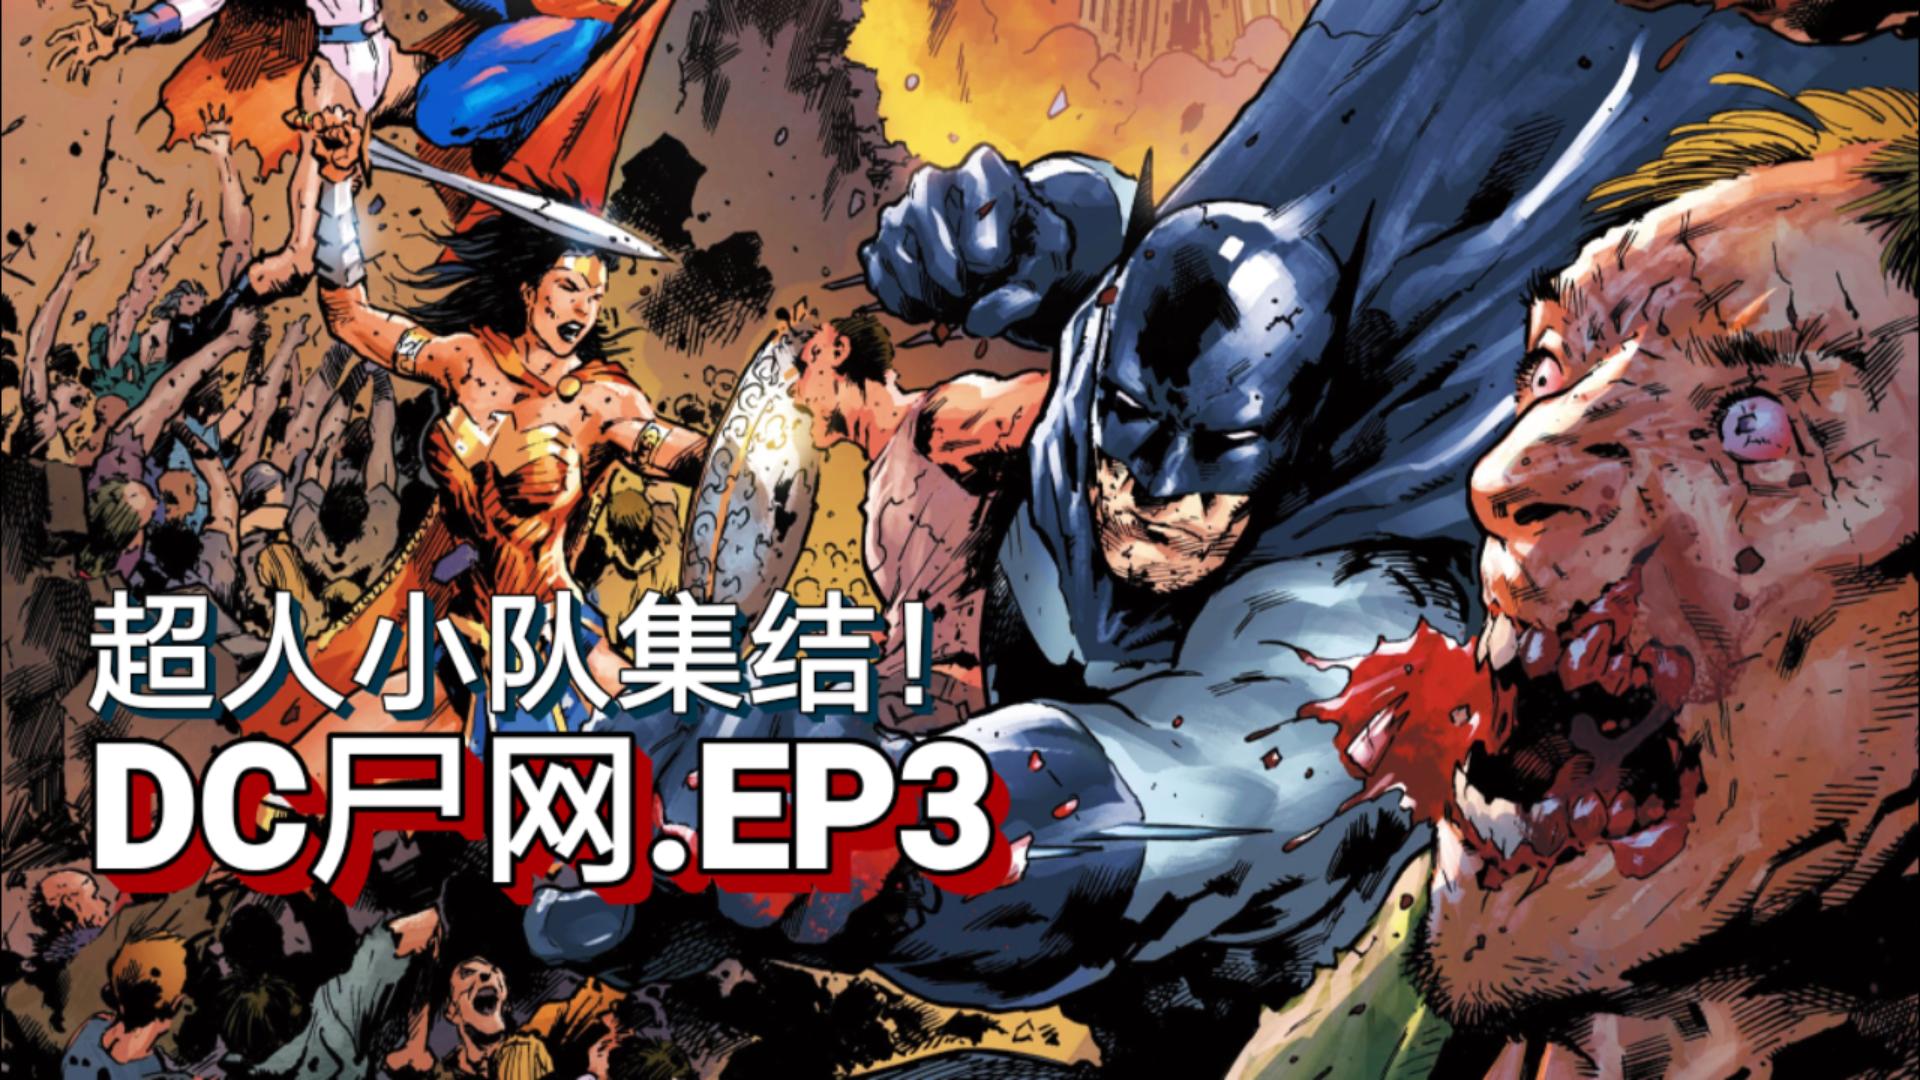 【鲍漫】DC再虐超人!钢铁之躯所不能承受之痛 DC尸网.EP3